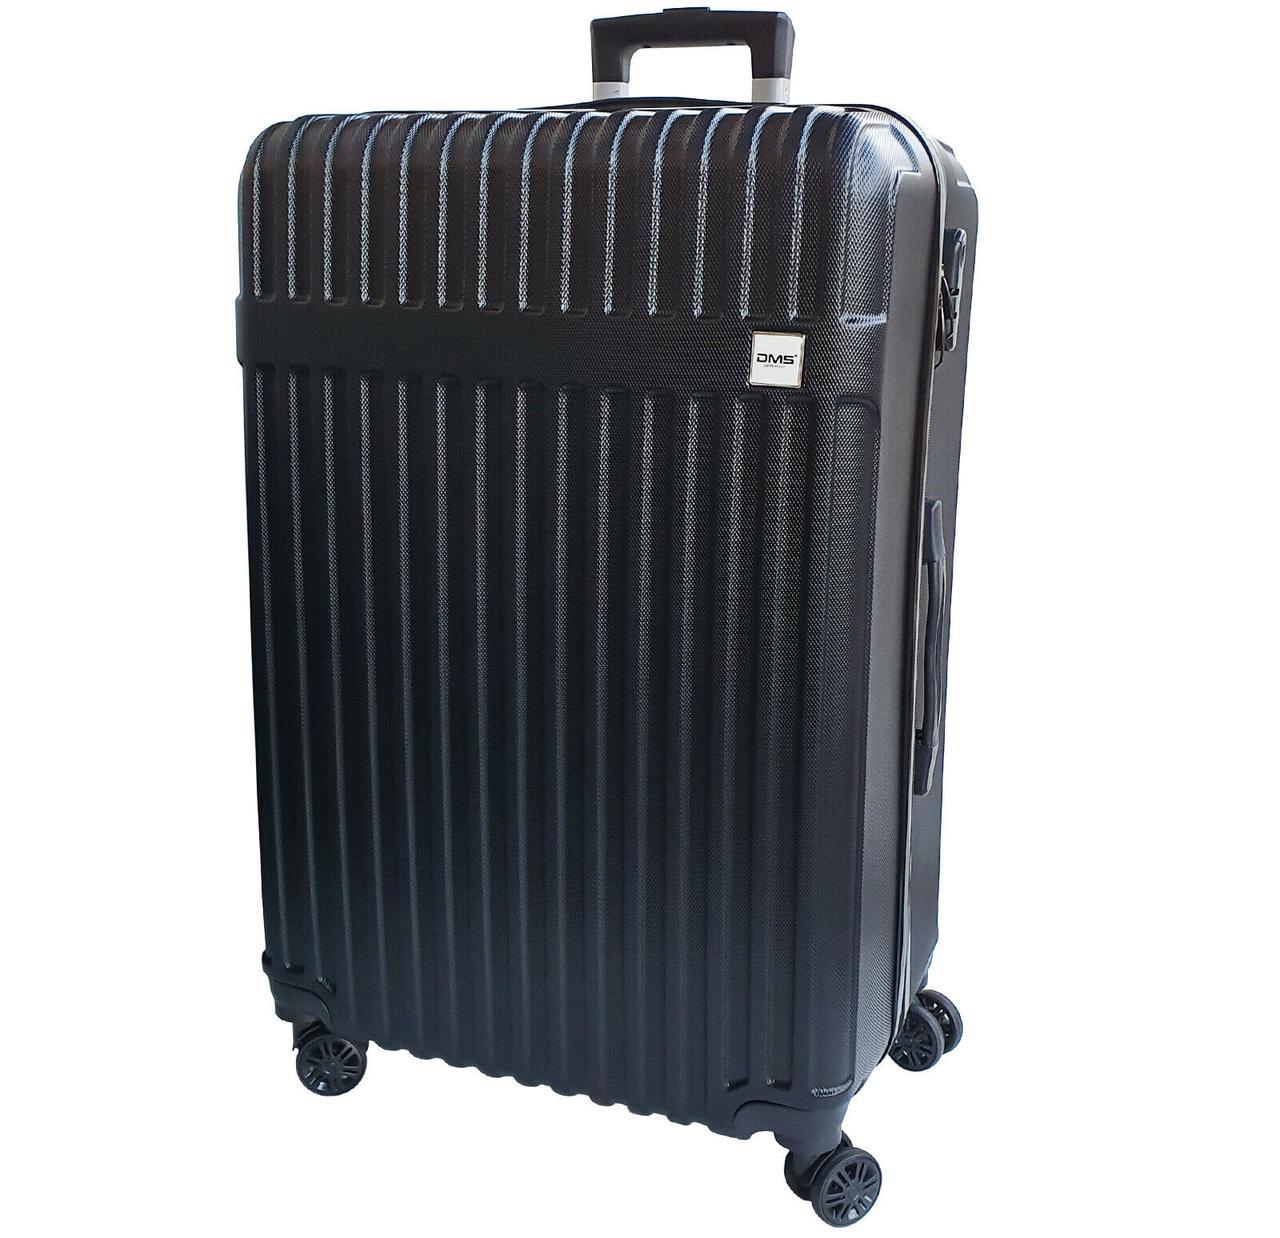 Чемоданы дорожные DMS с тележкой, размер XL: 124L, 77 x 52 x 32 см  черный Black